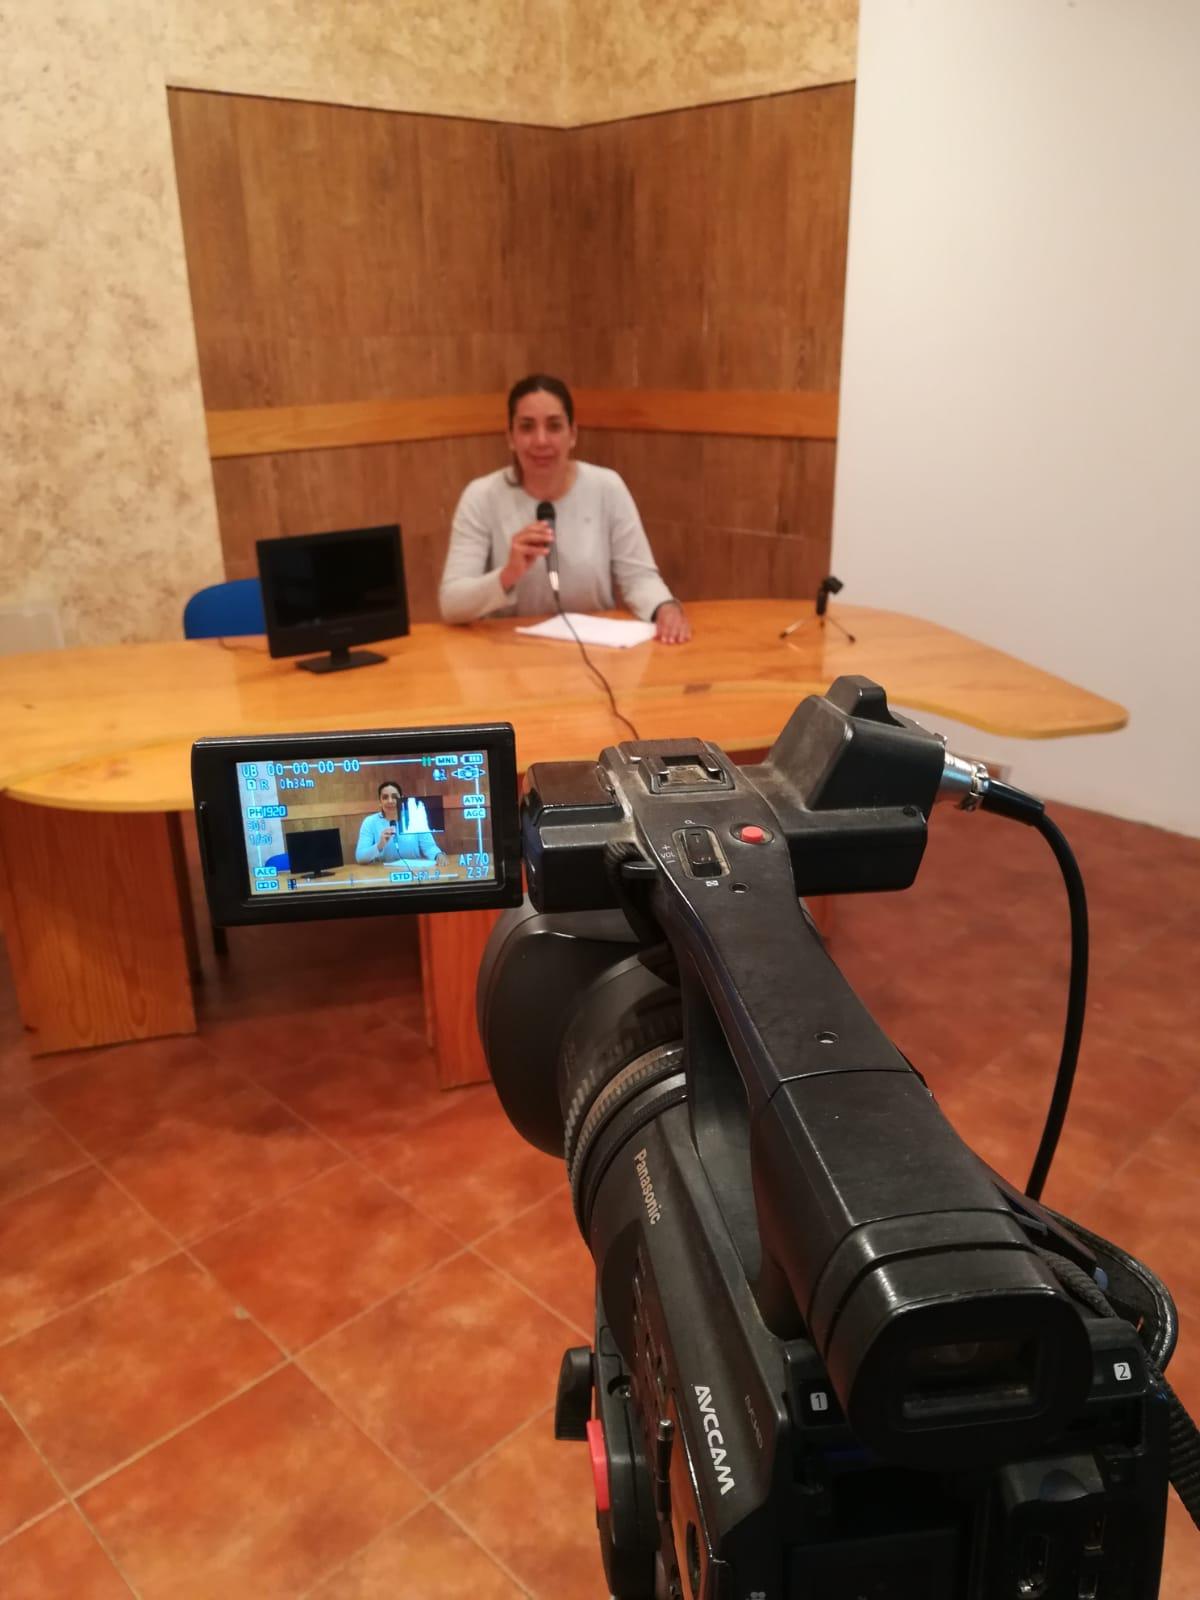 Televisión Quintana volverá a emitir en digital a principios del próximo mes de noviembre